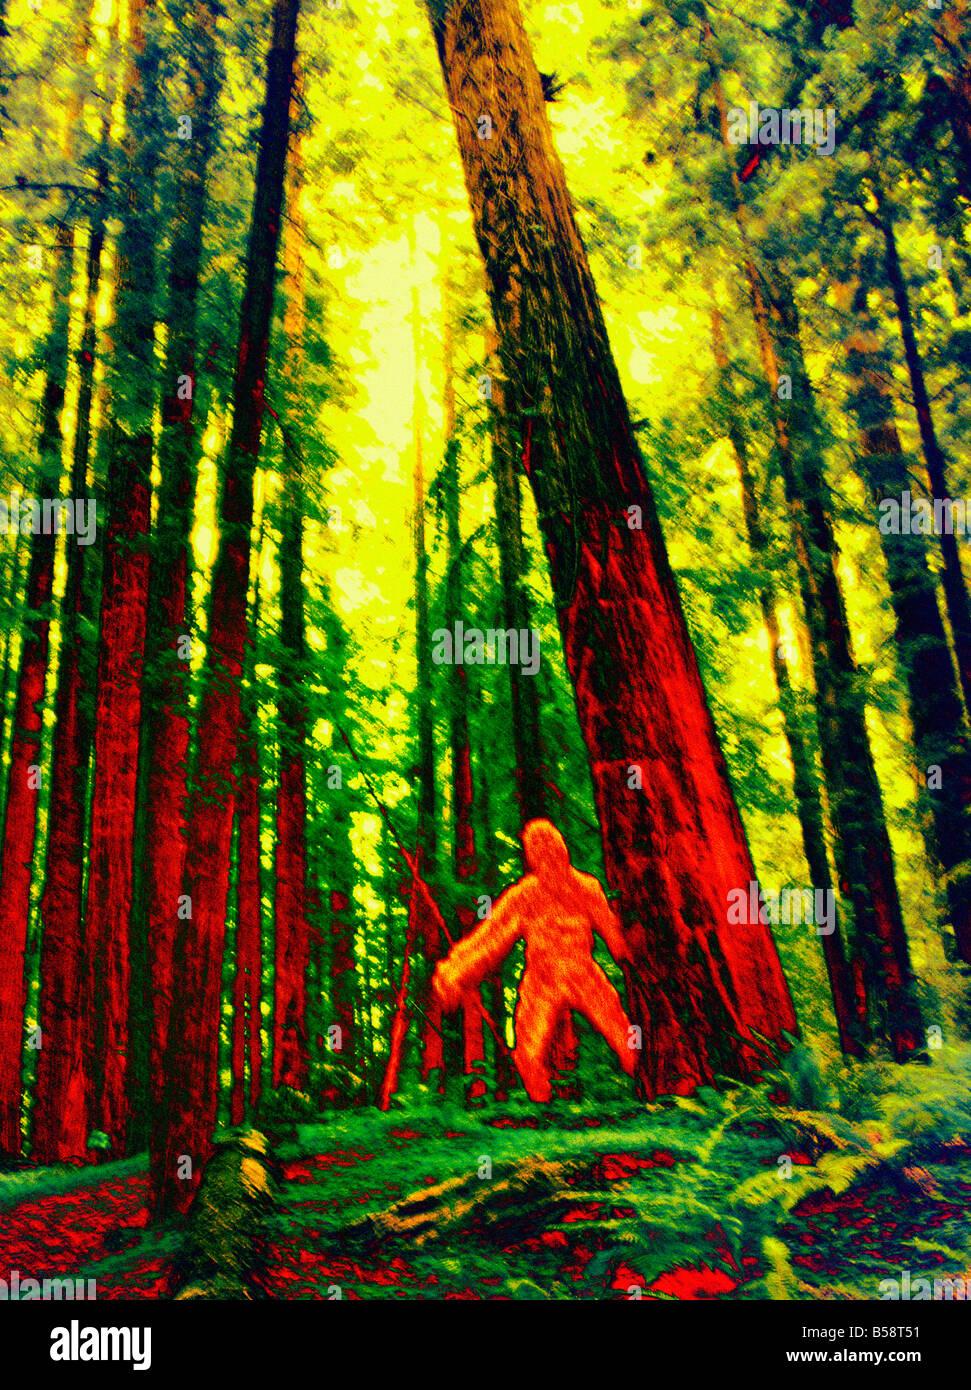 Image thermique de Bigfoot Photo Stock